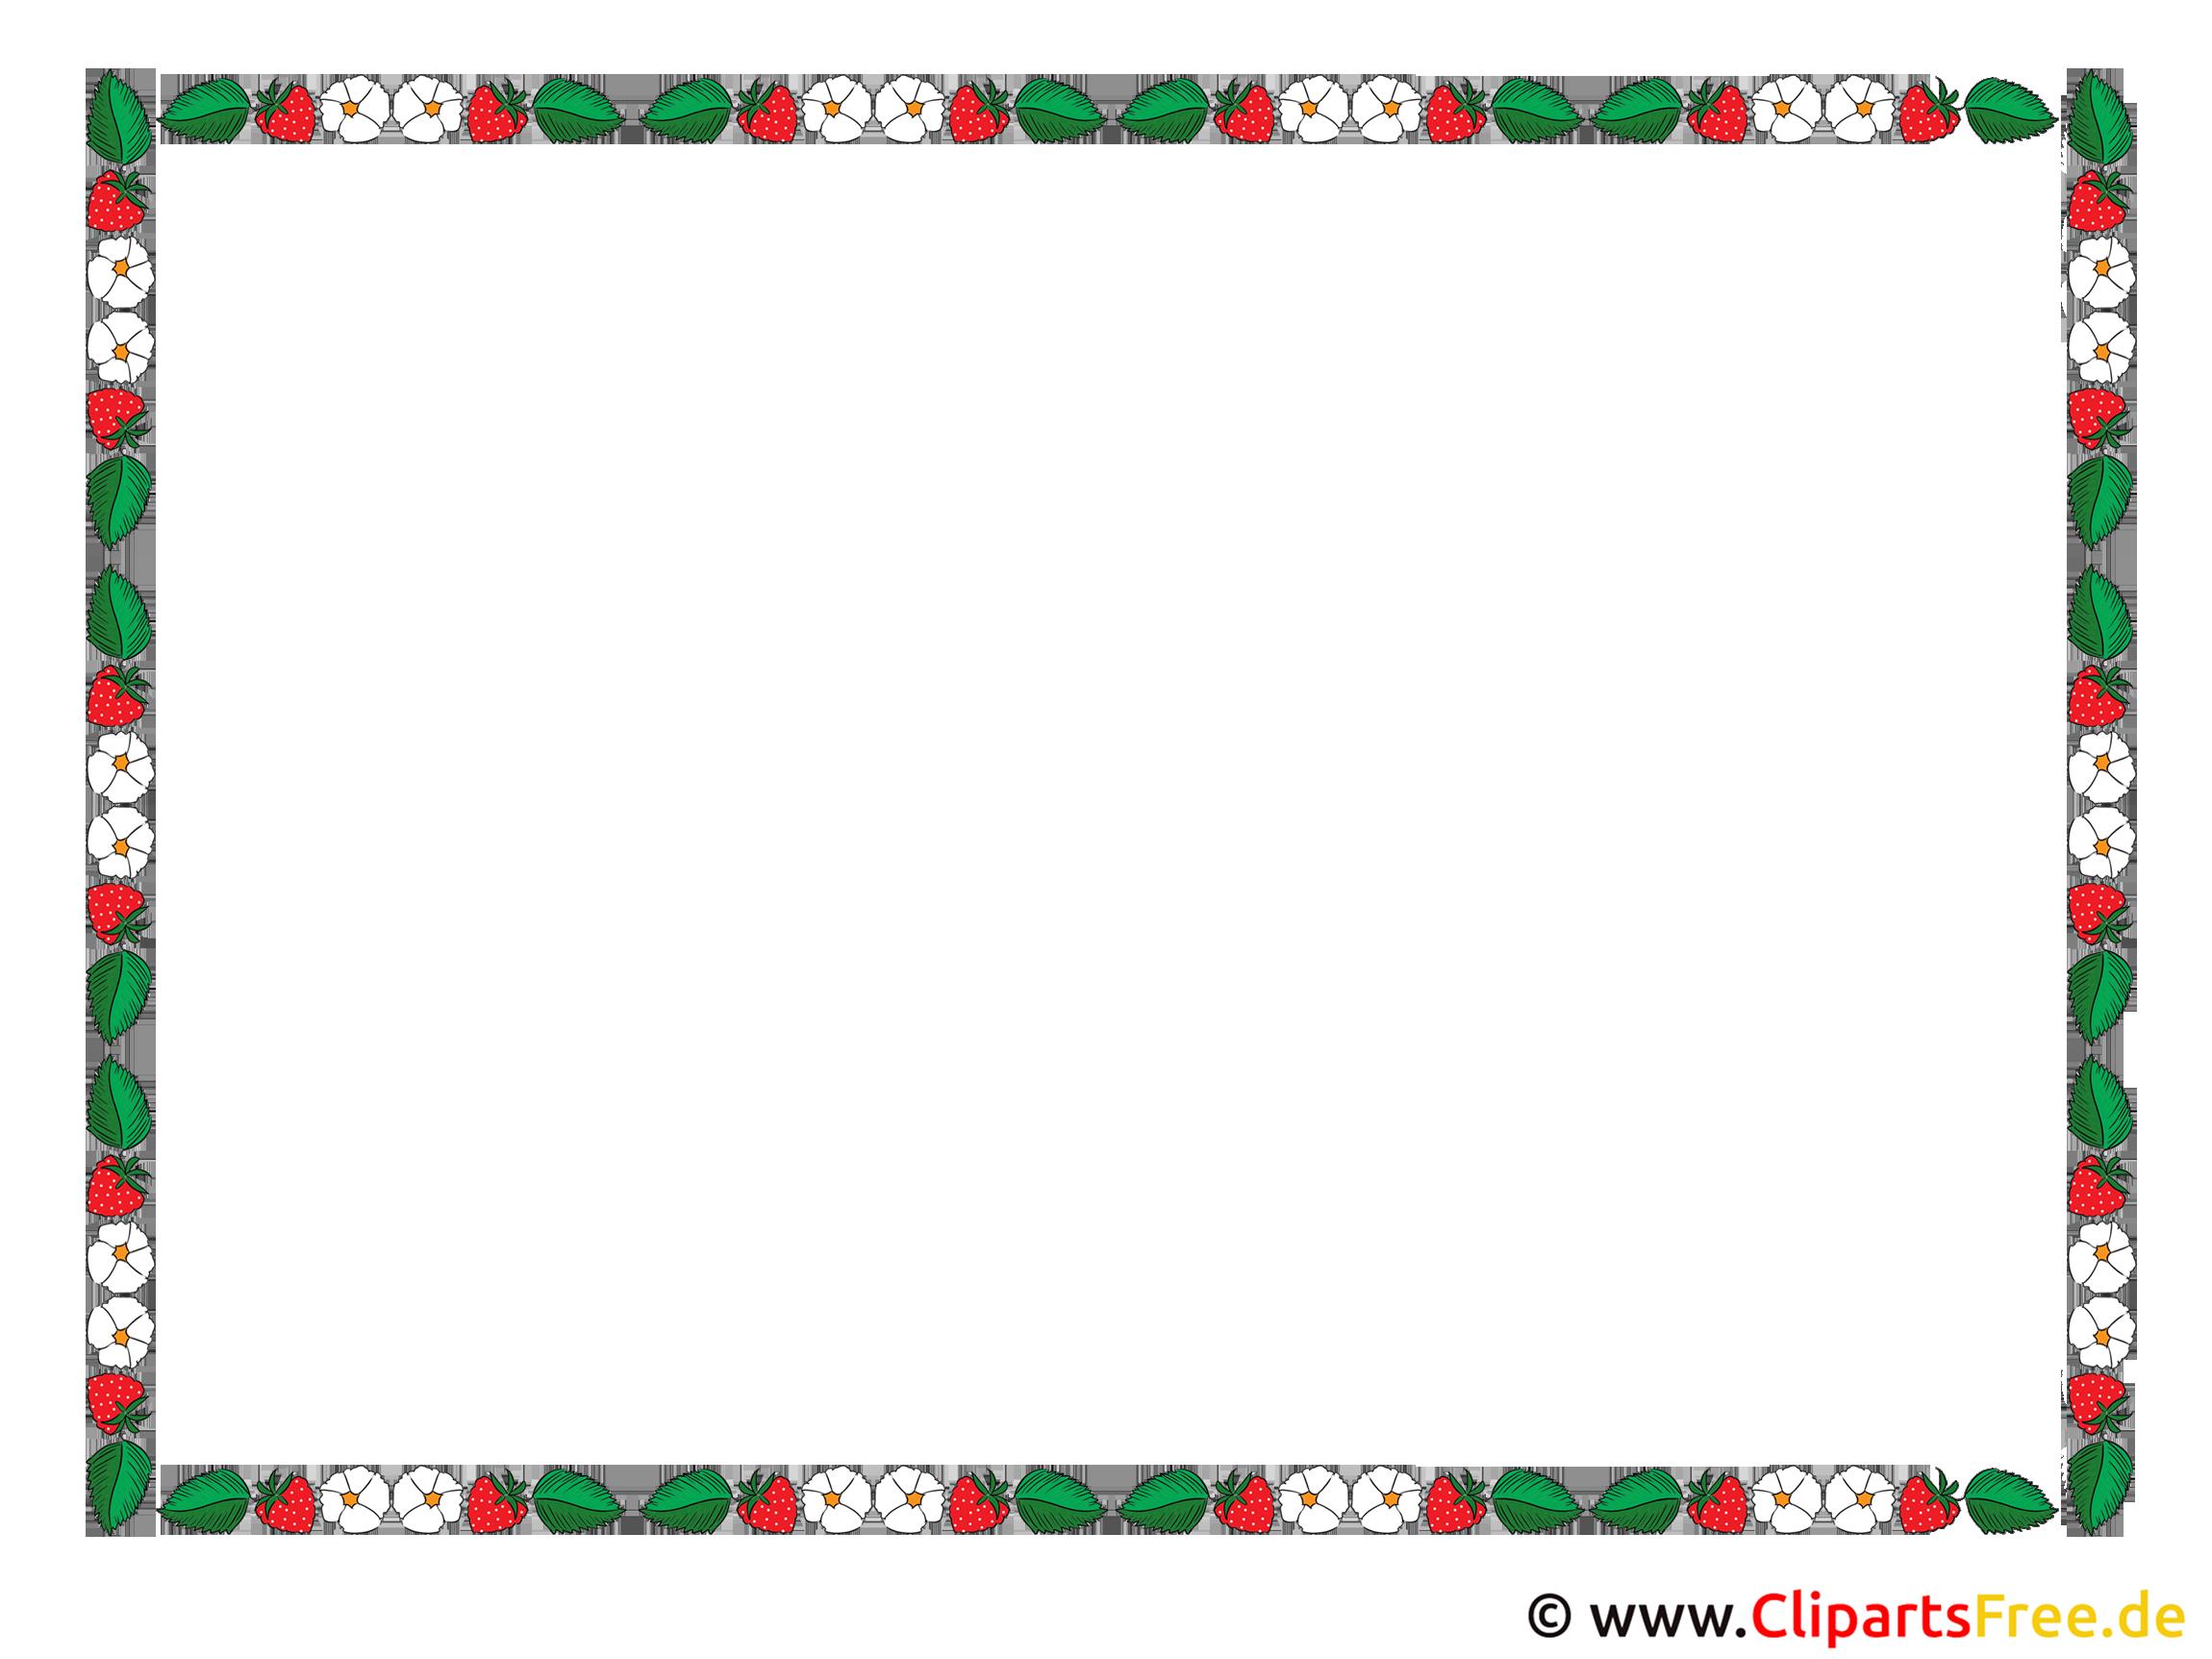 Rahmen Clipart mit Erdbeeren, Blumen, Blätter,